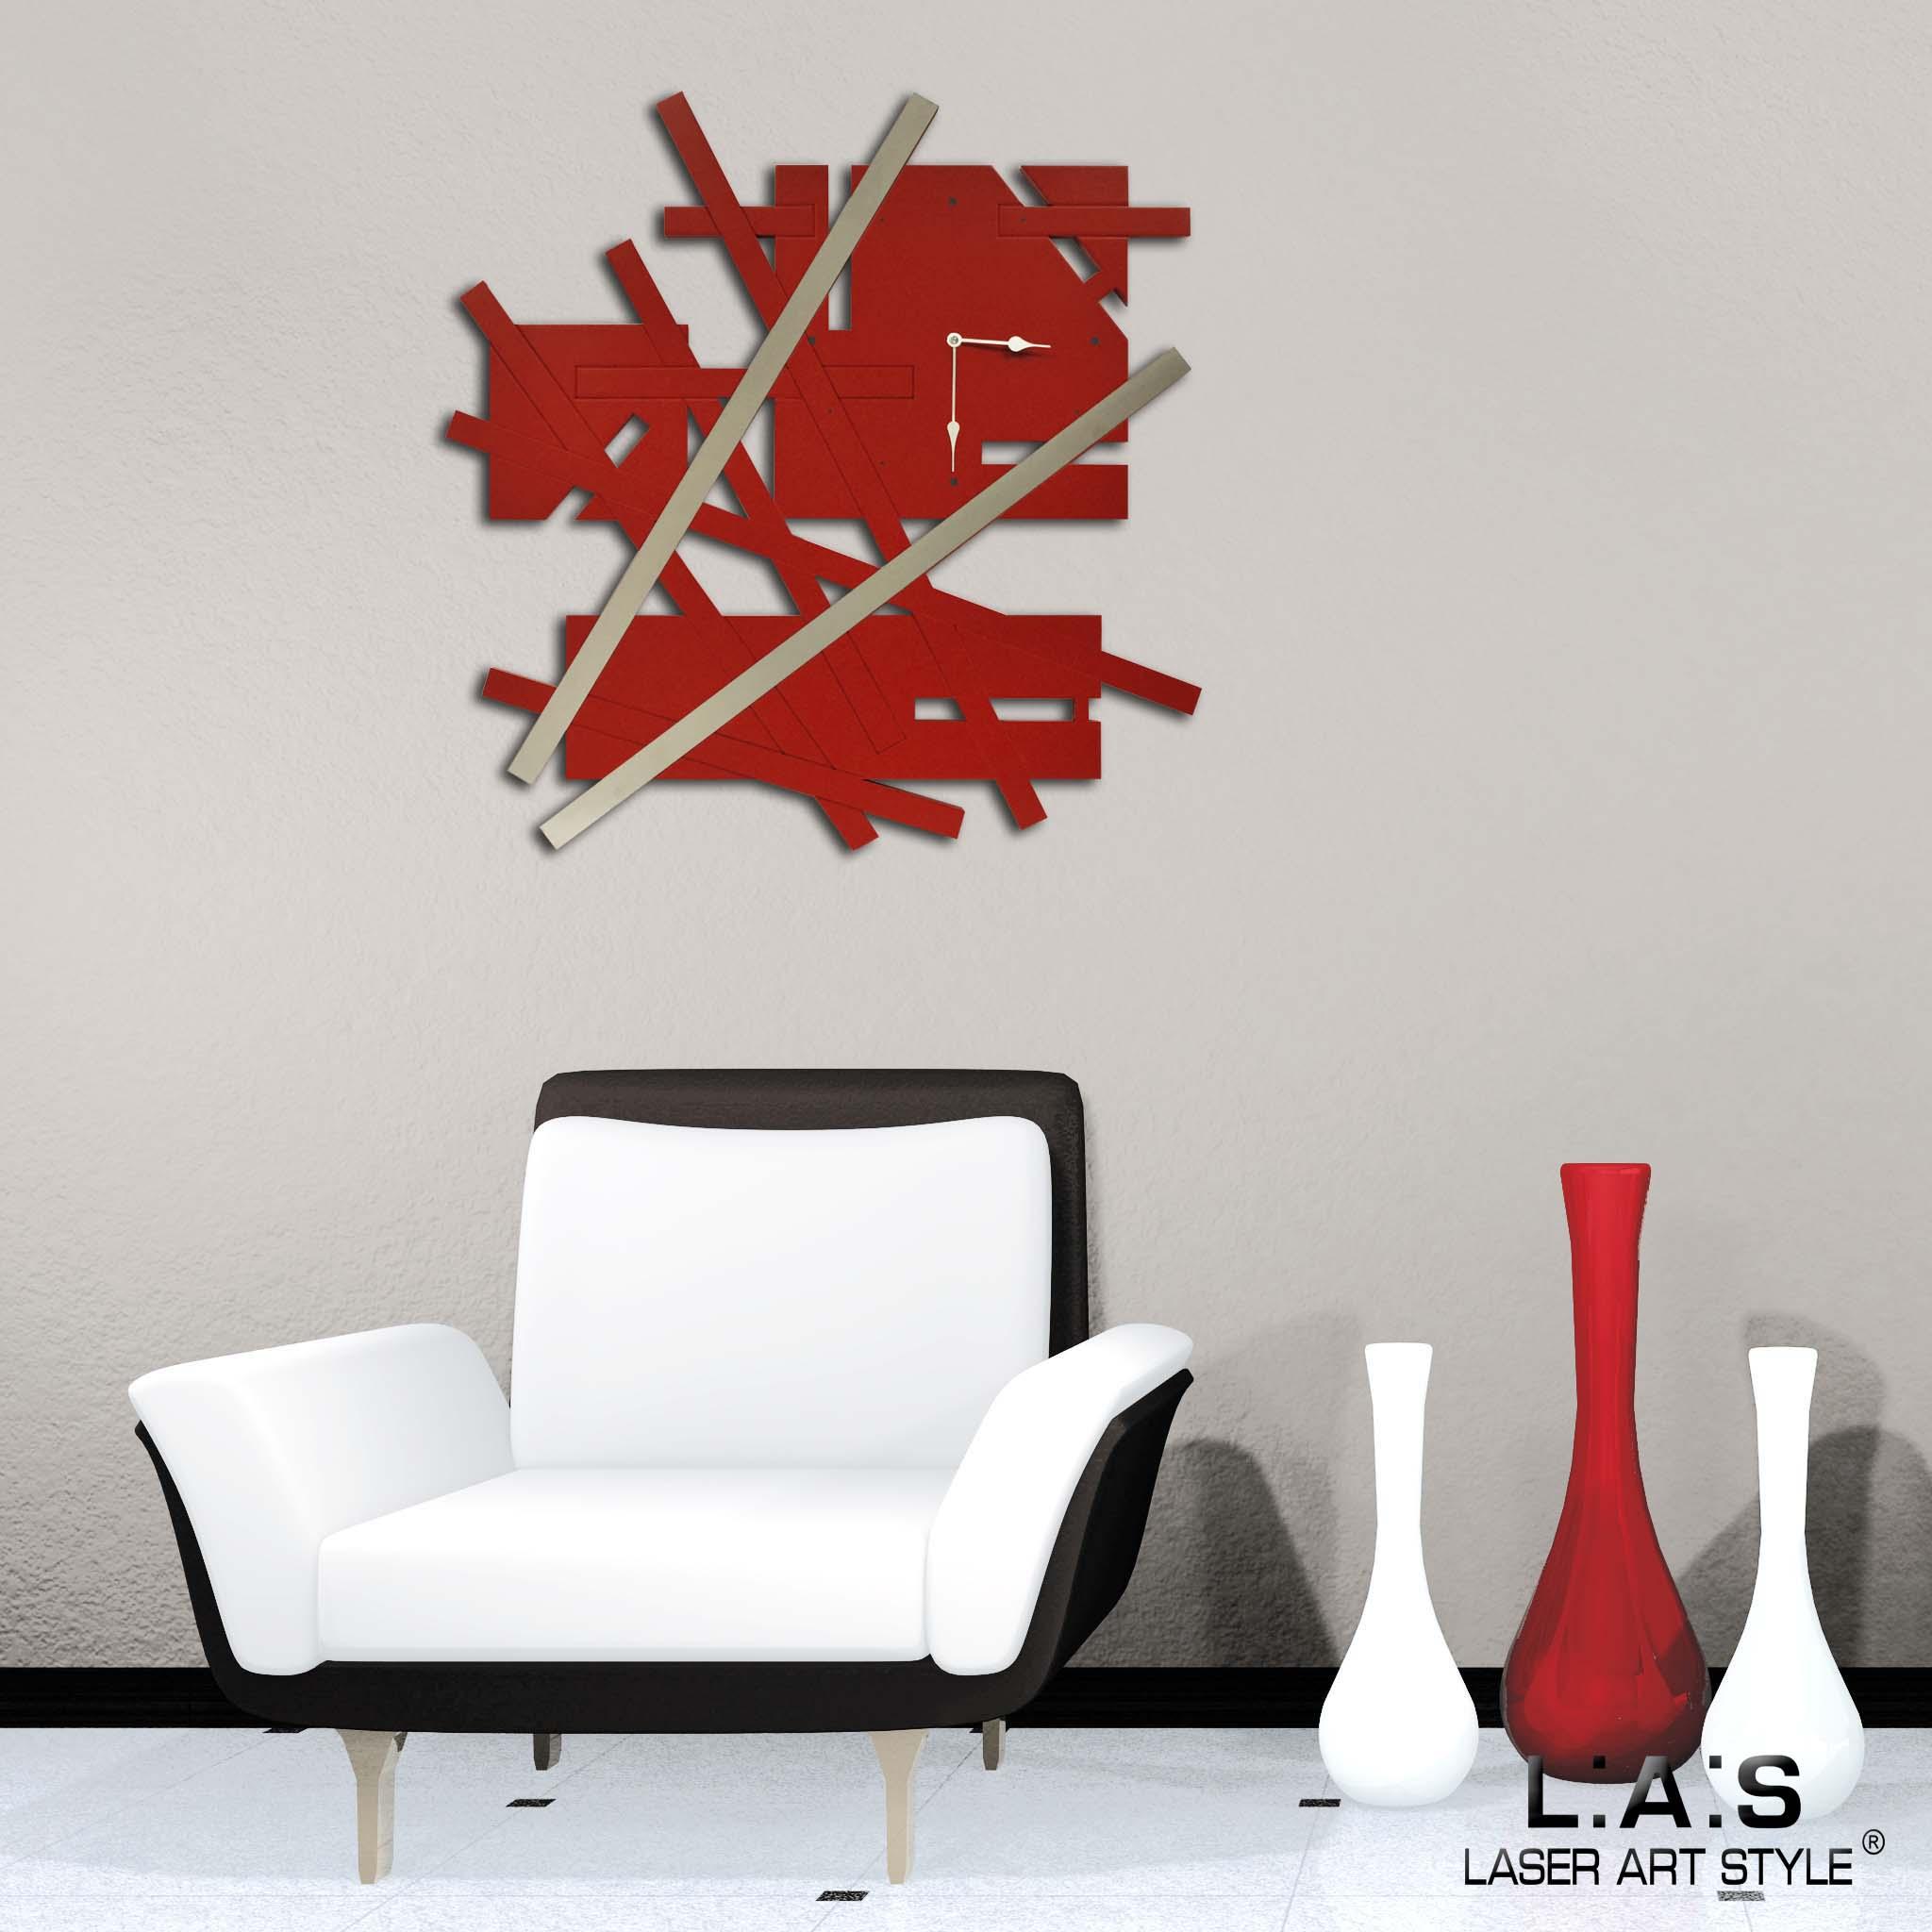 Orologio per arredamento moderno - Laser Art Style - Di Cristofalo ...